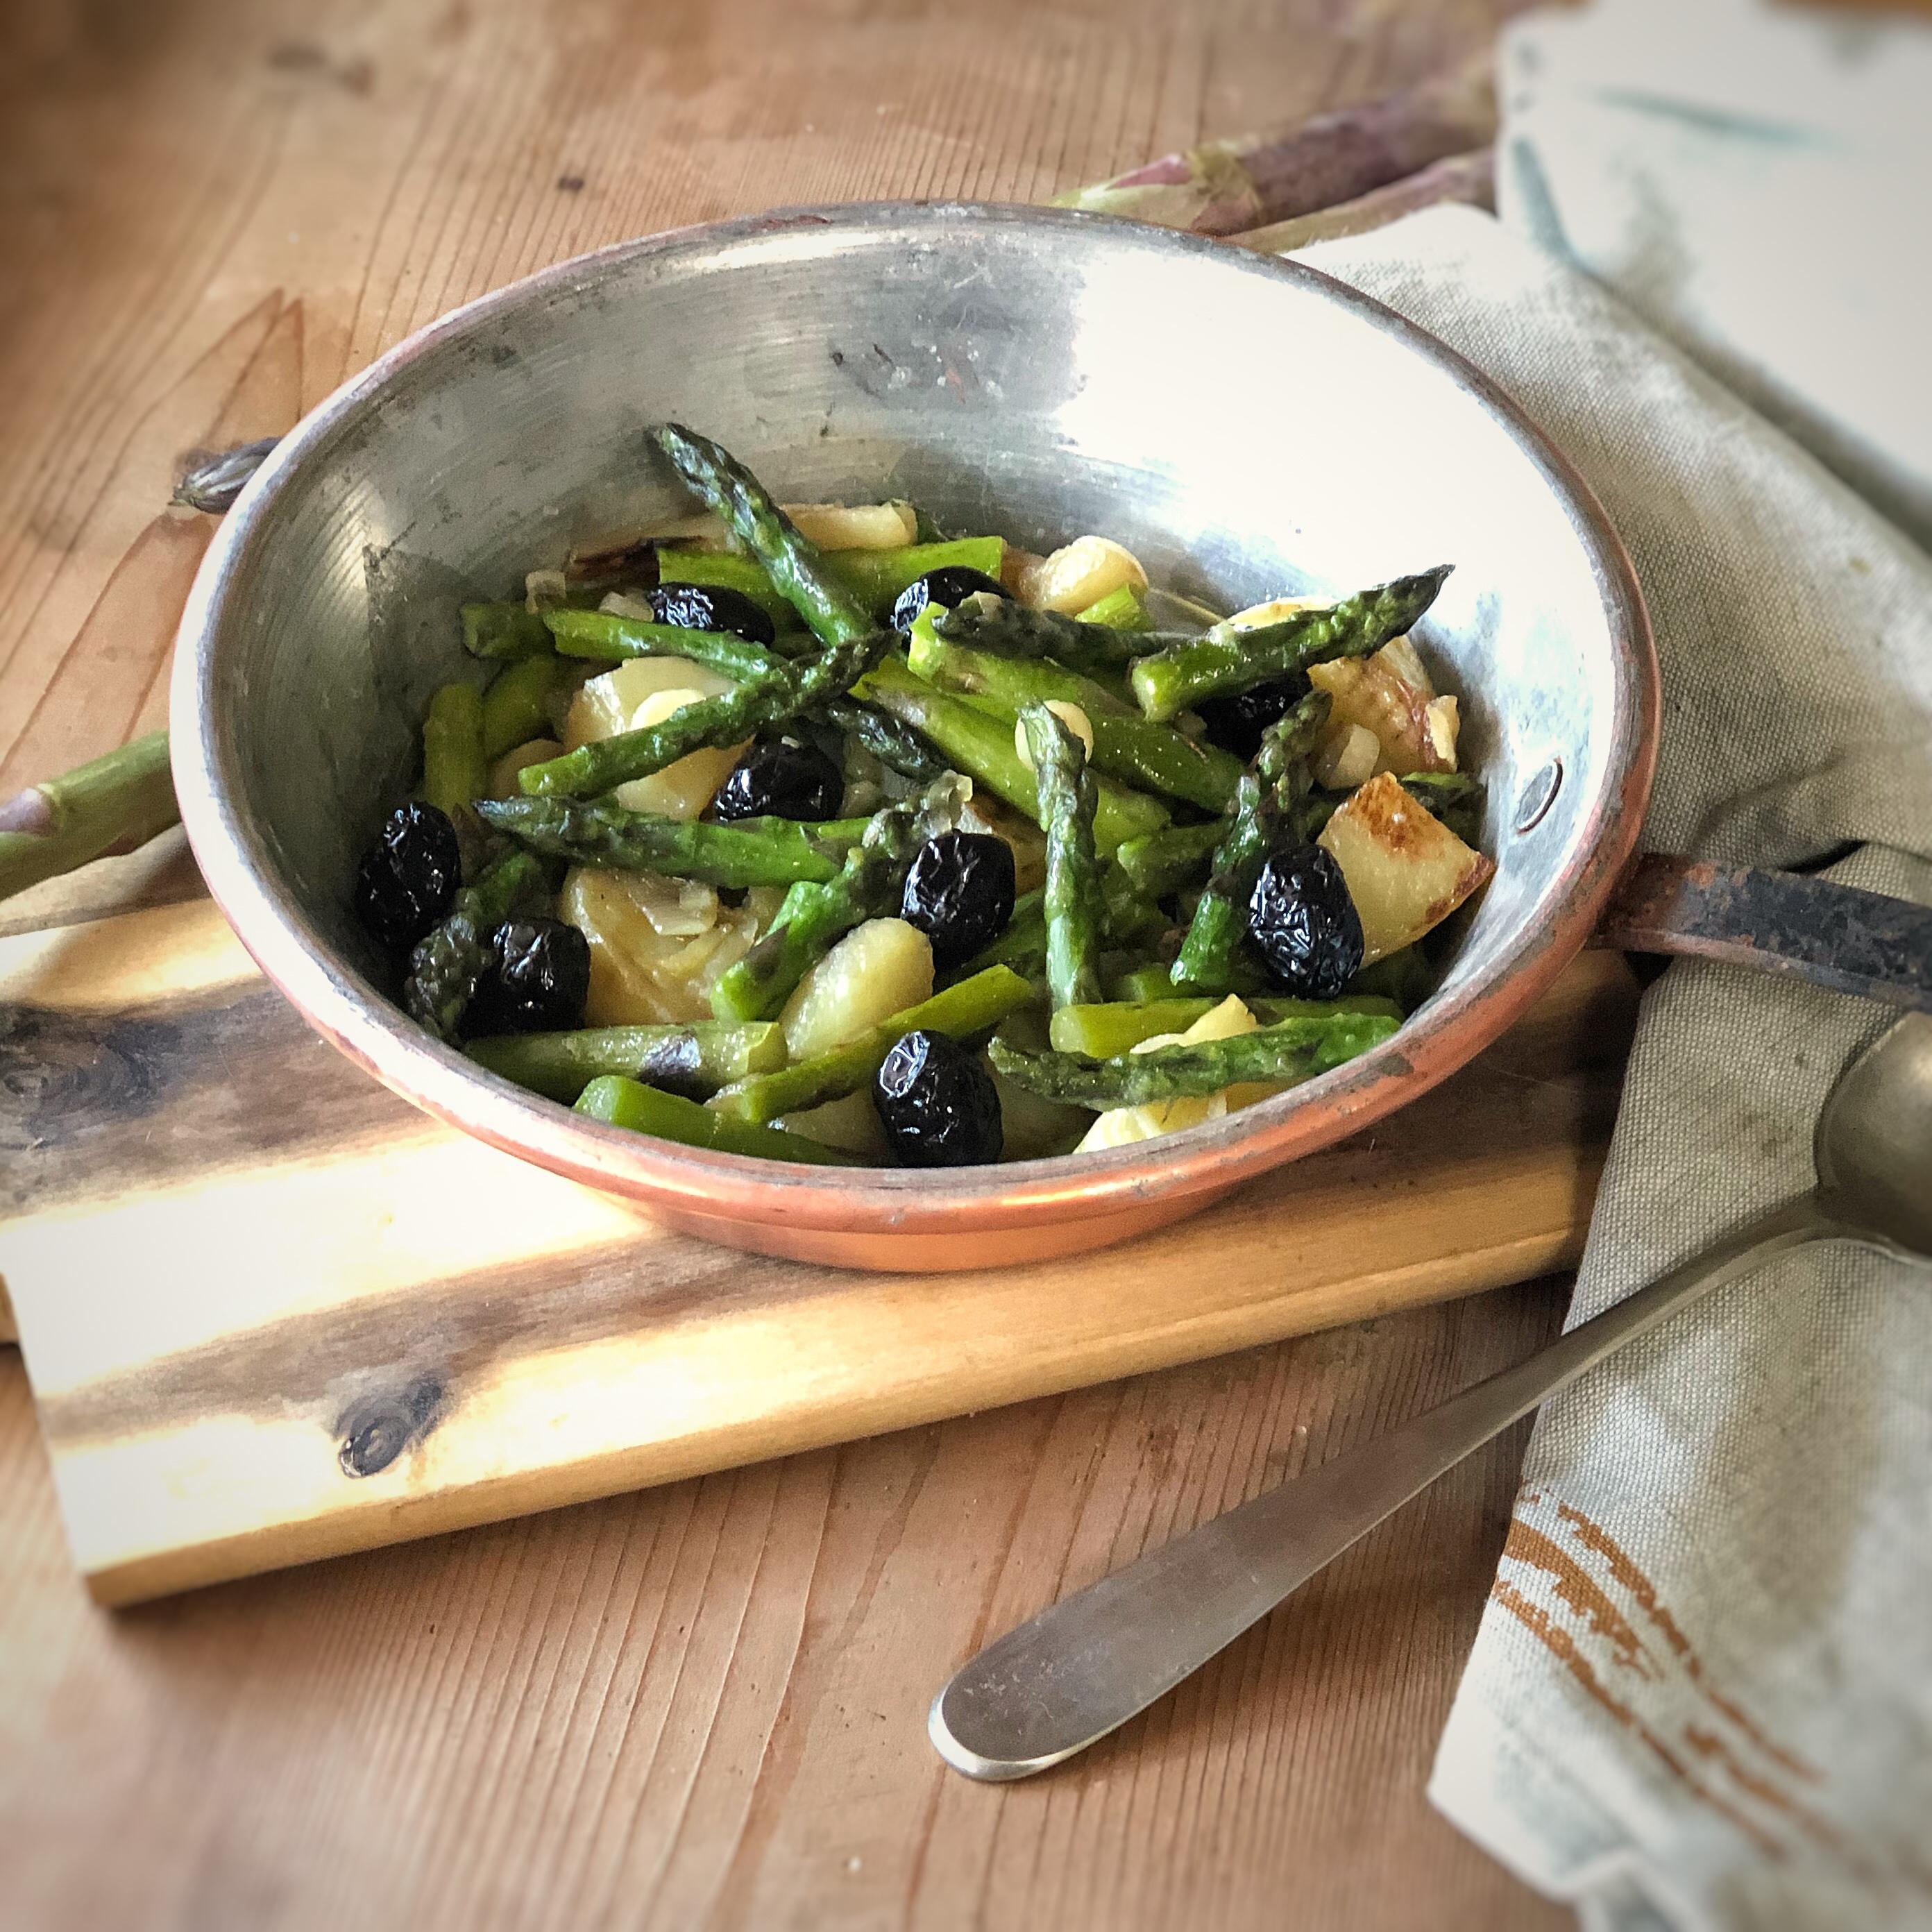 asparagi-verdi-e-patate-in-padella1-1.